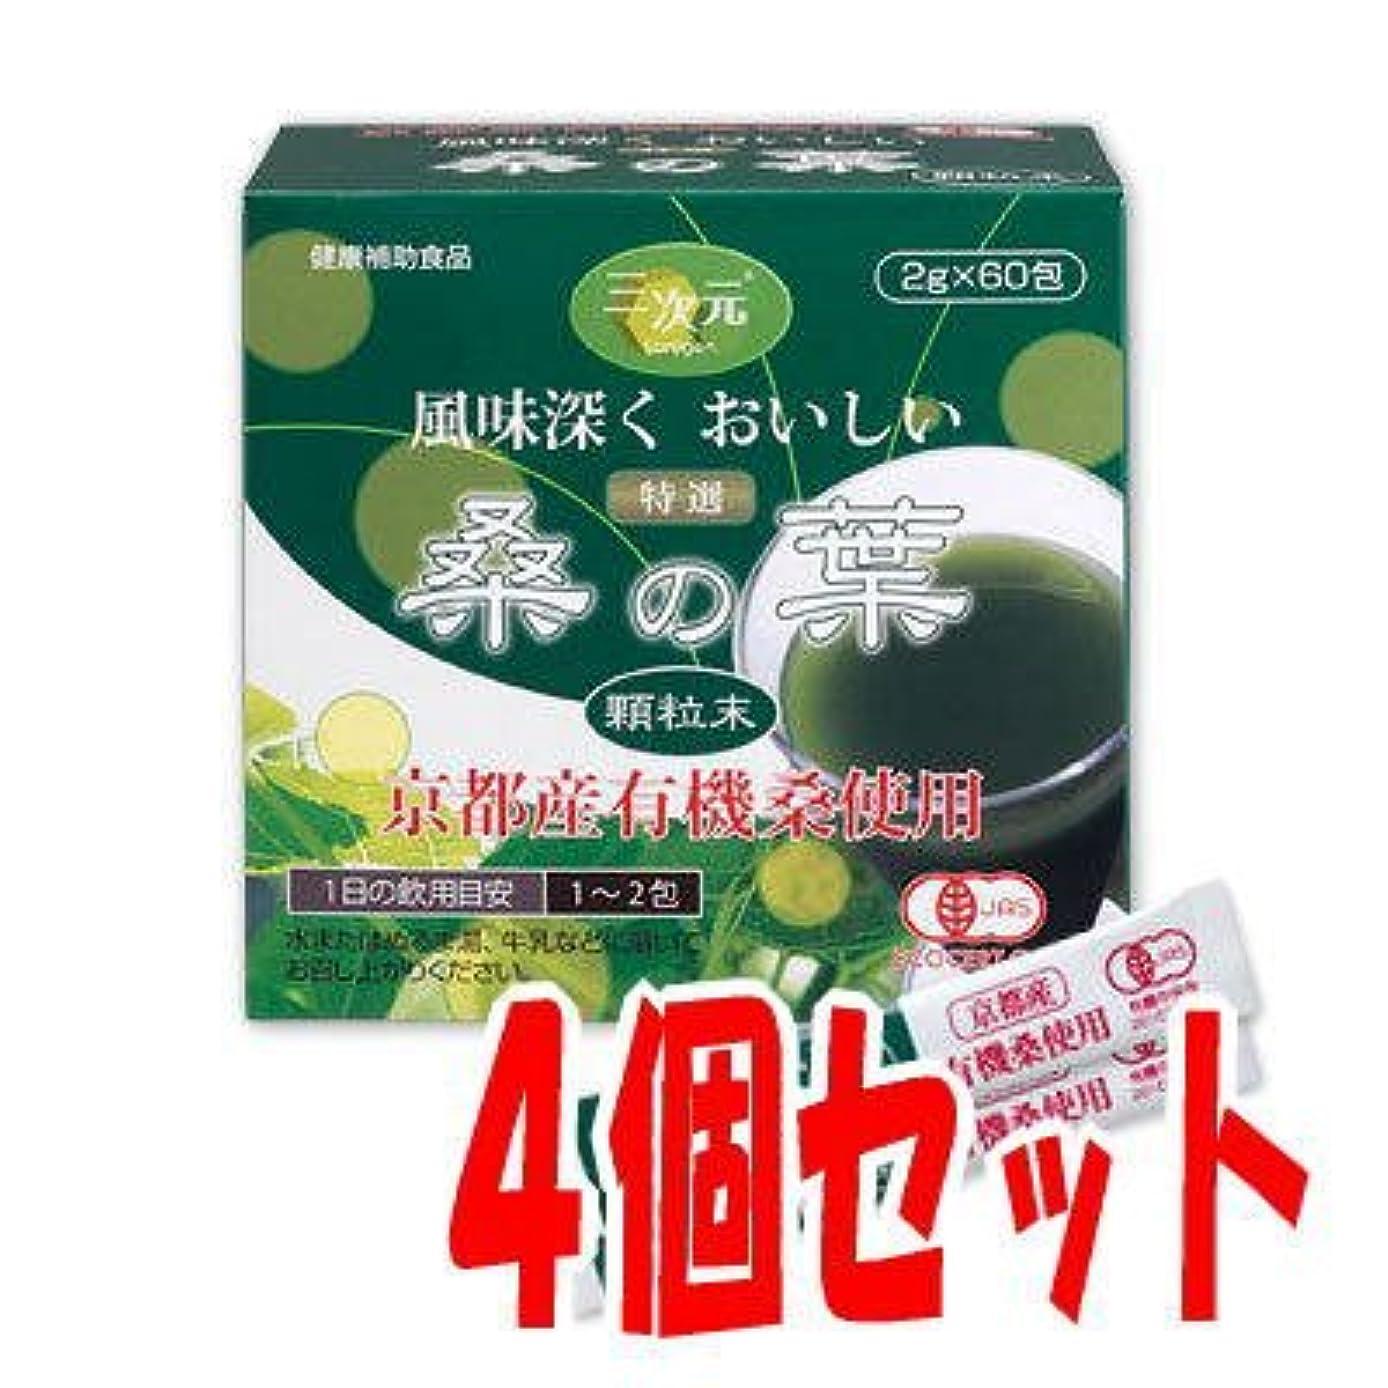 ドット考えるブルジョン特選「桑の葉」顆粒末1箱60包入×4箱セット 国産(京都産)有機桑使用 苦くなく風味深くおいしい青汁